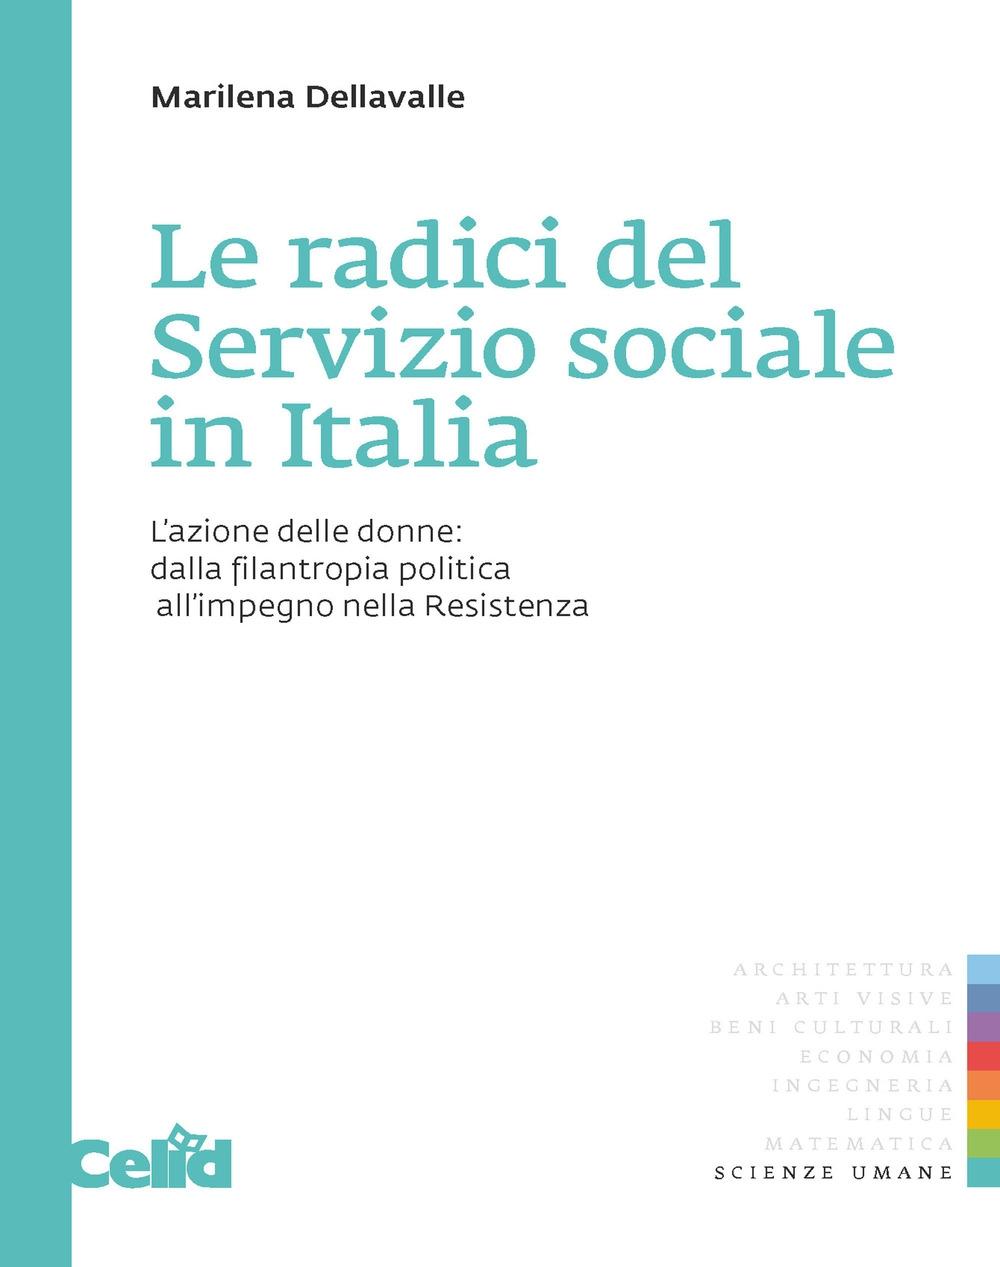 Le radici del servizio sociale in Italia. L'azione delle donne: dalla filantropia politica all'impegno nella Resistenza.